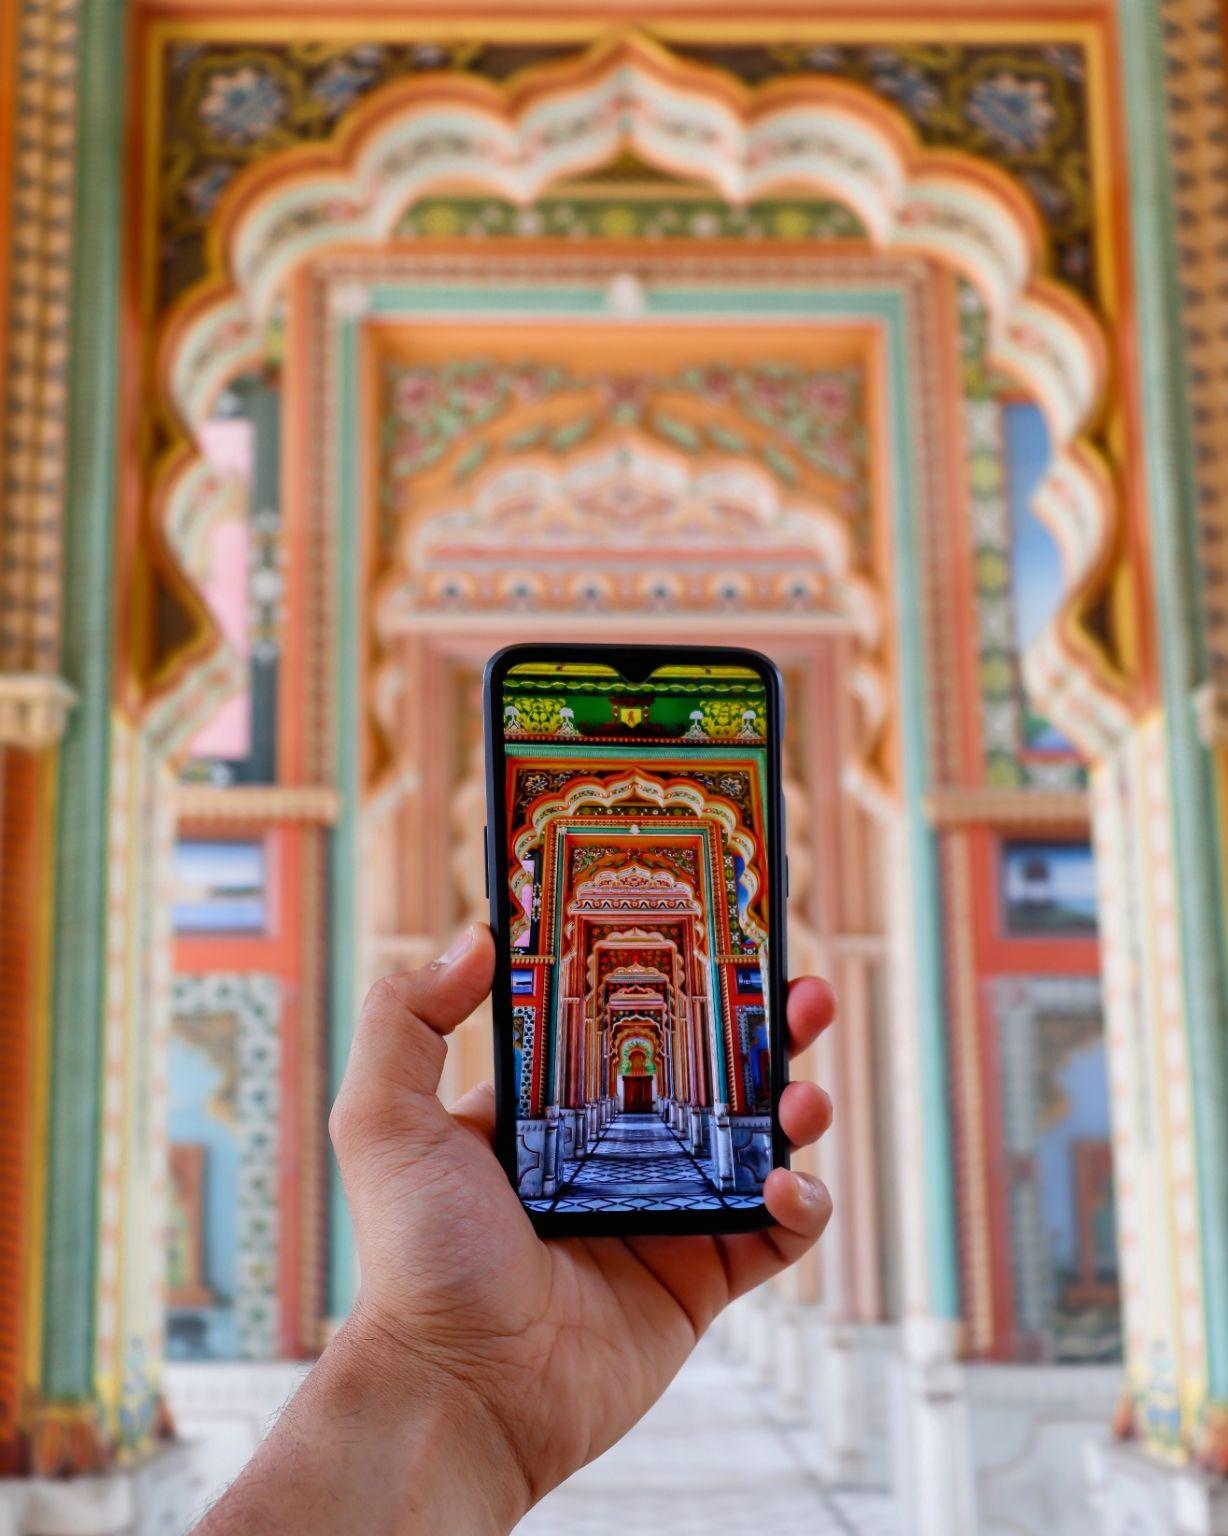 Photo of Patrika Gate By Shivam Garg